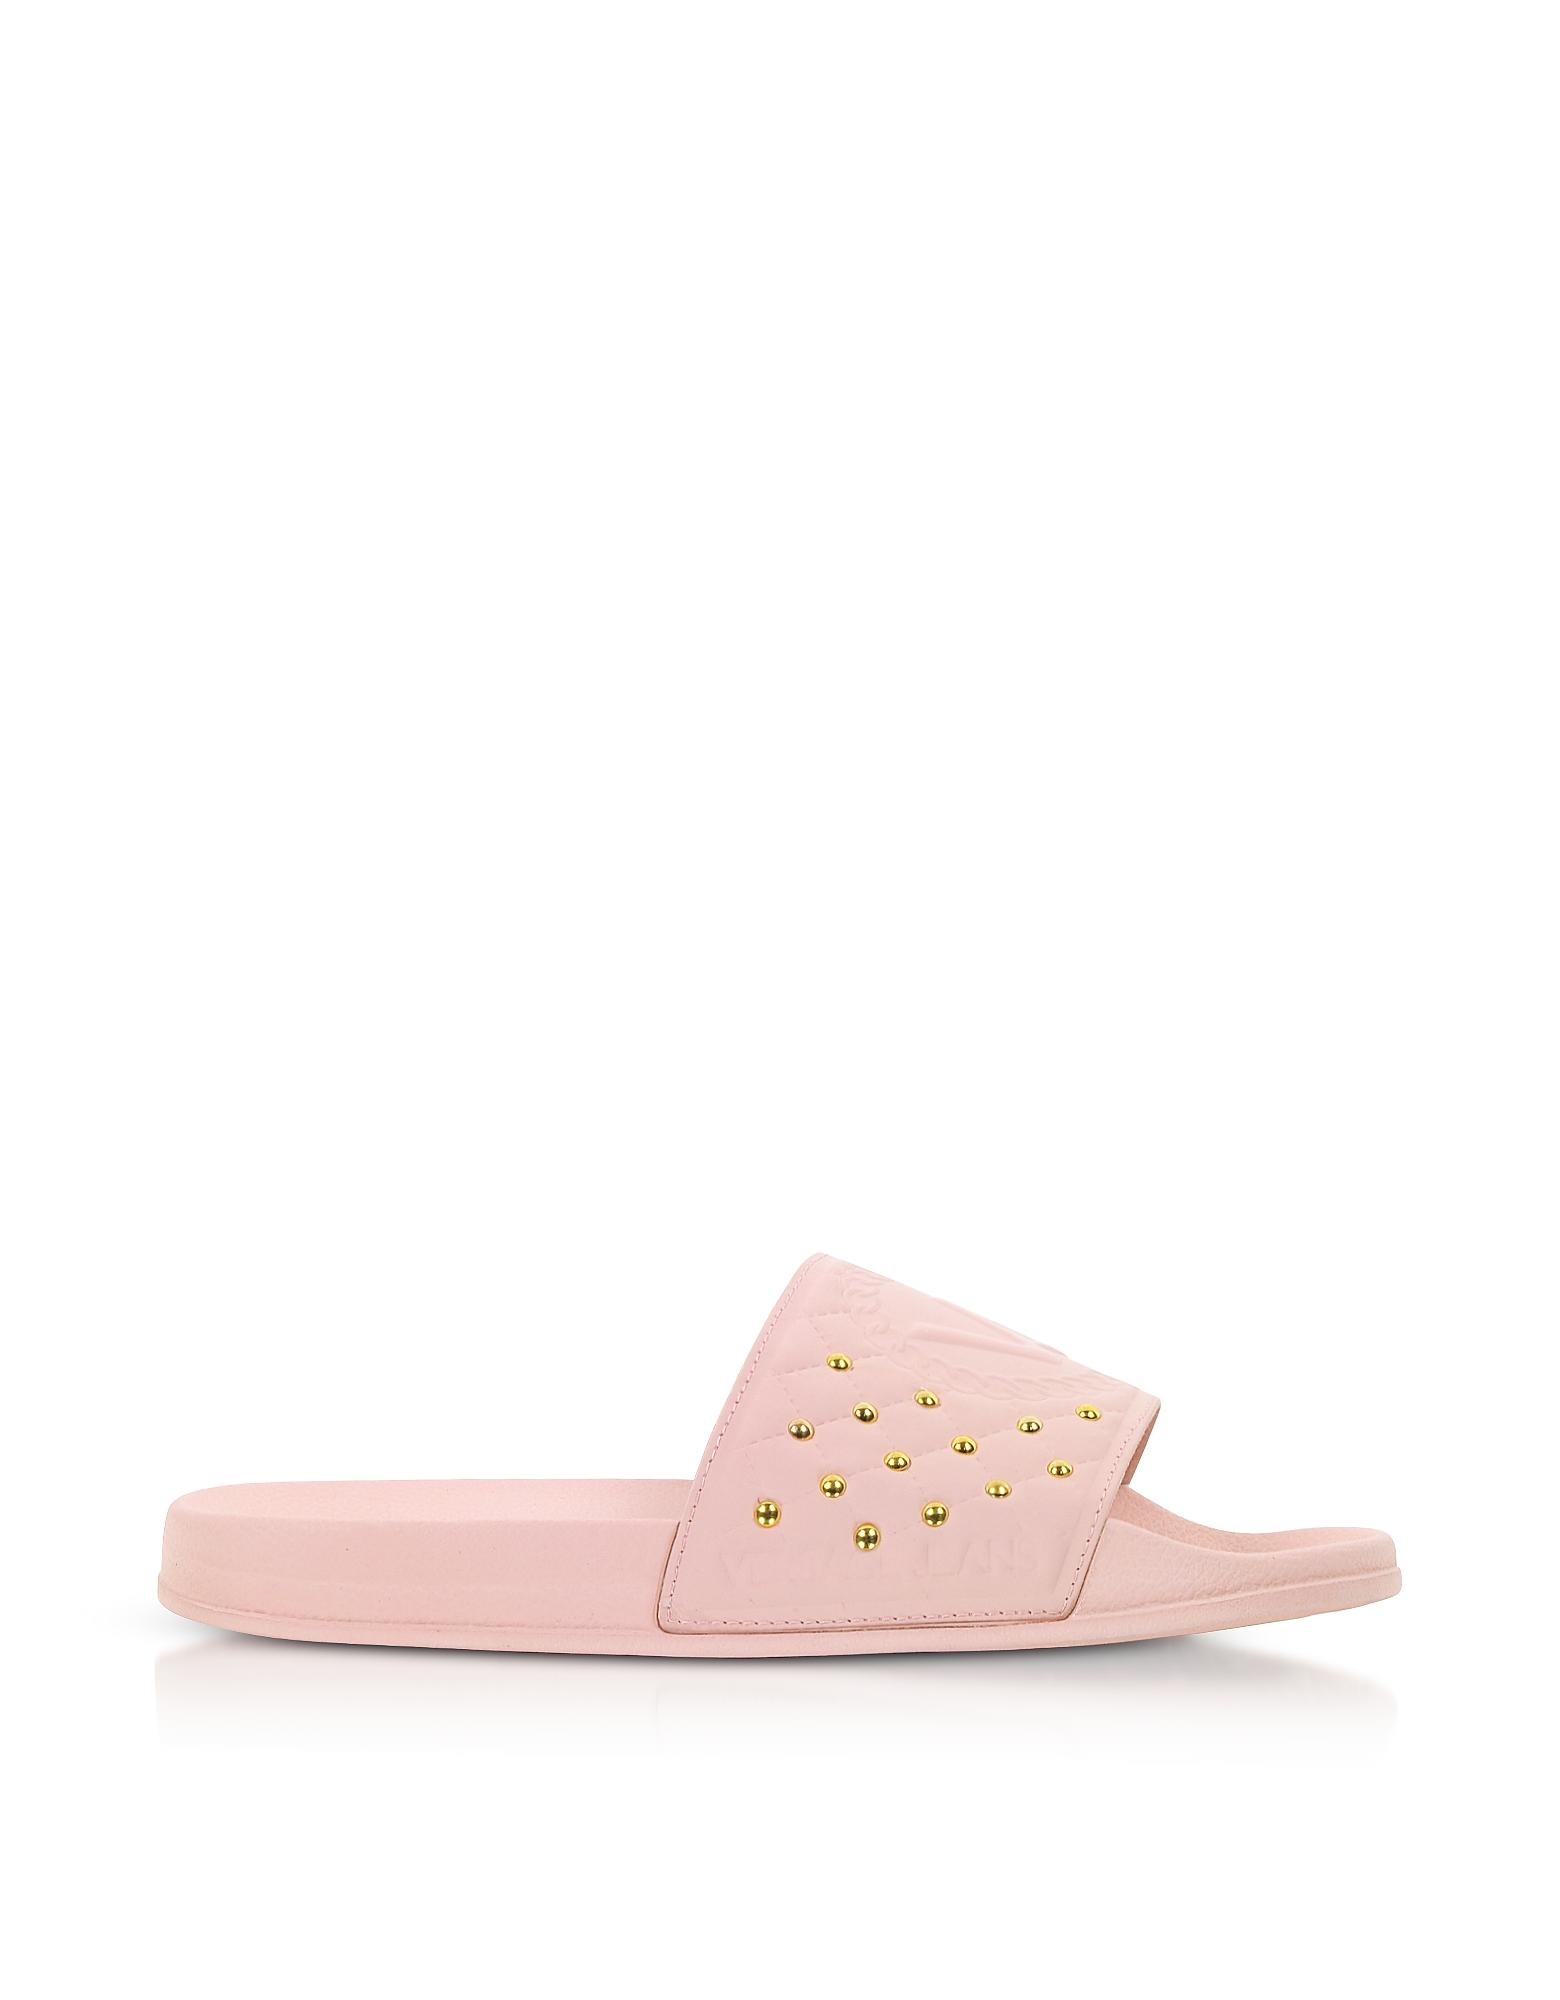 Versace Jeans Designer Shoes, Pink Rubber Slides w/Golden Studs